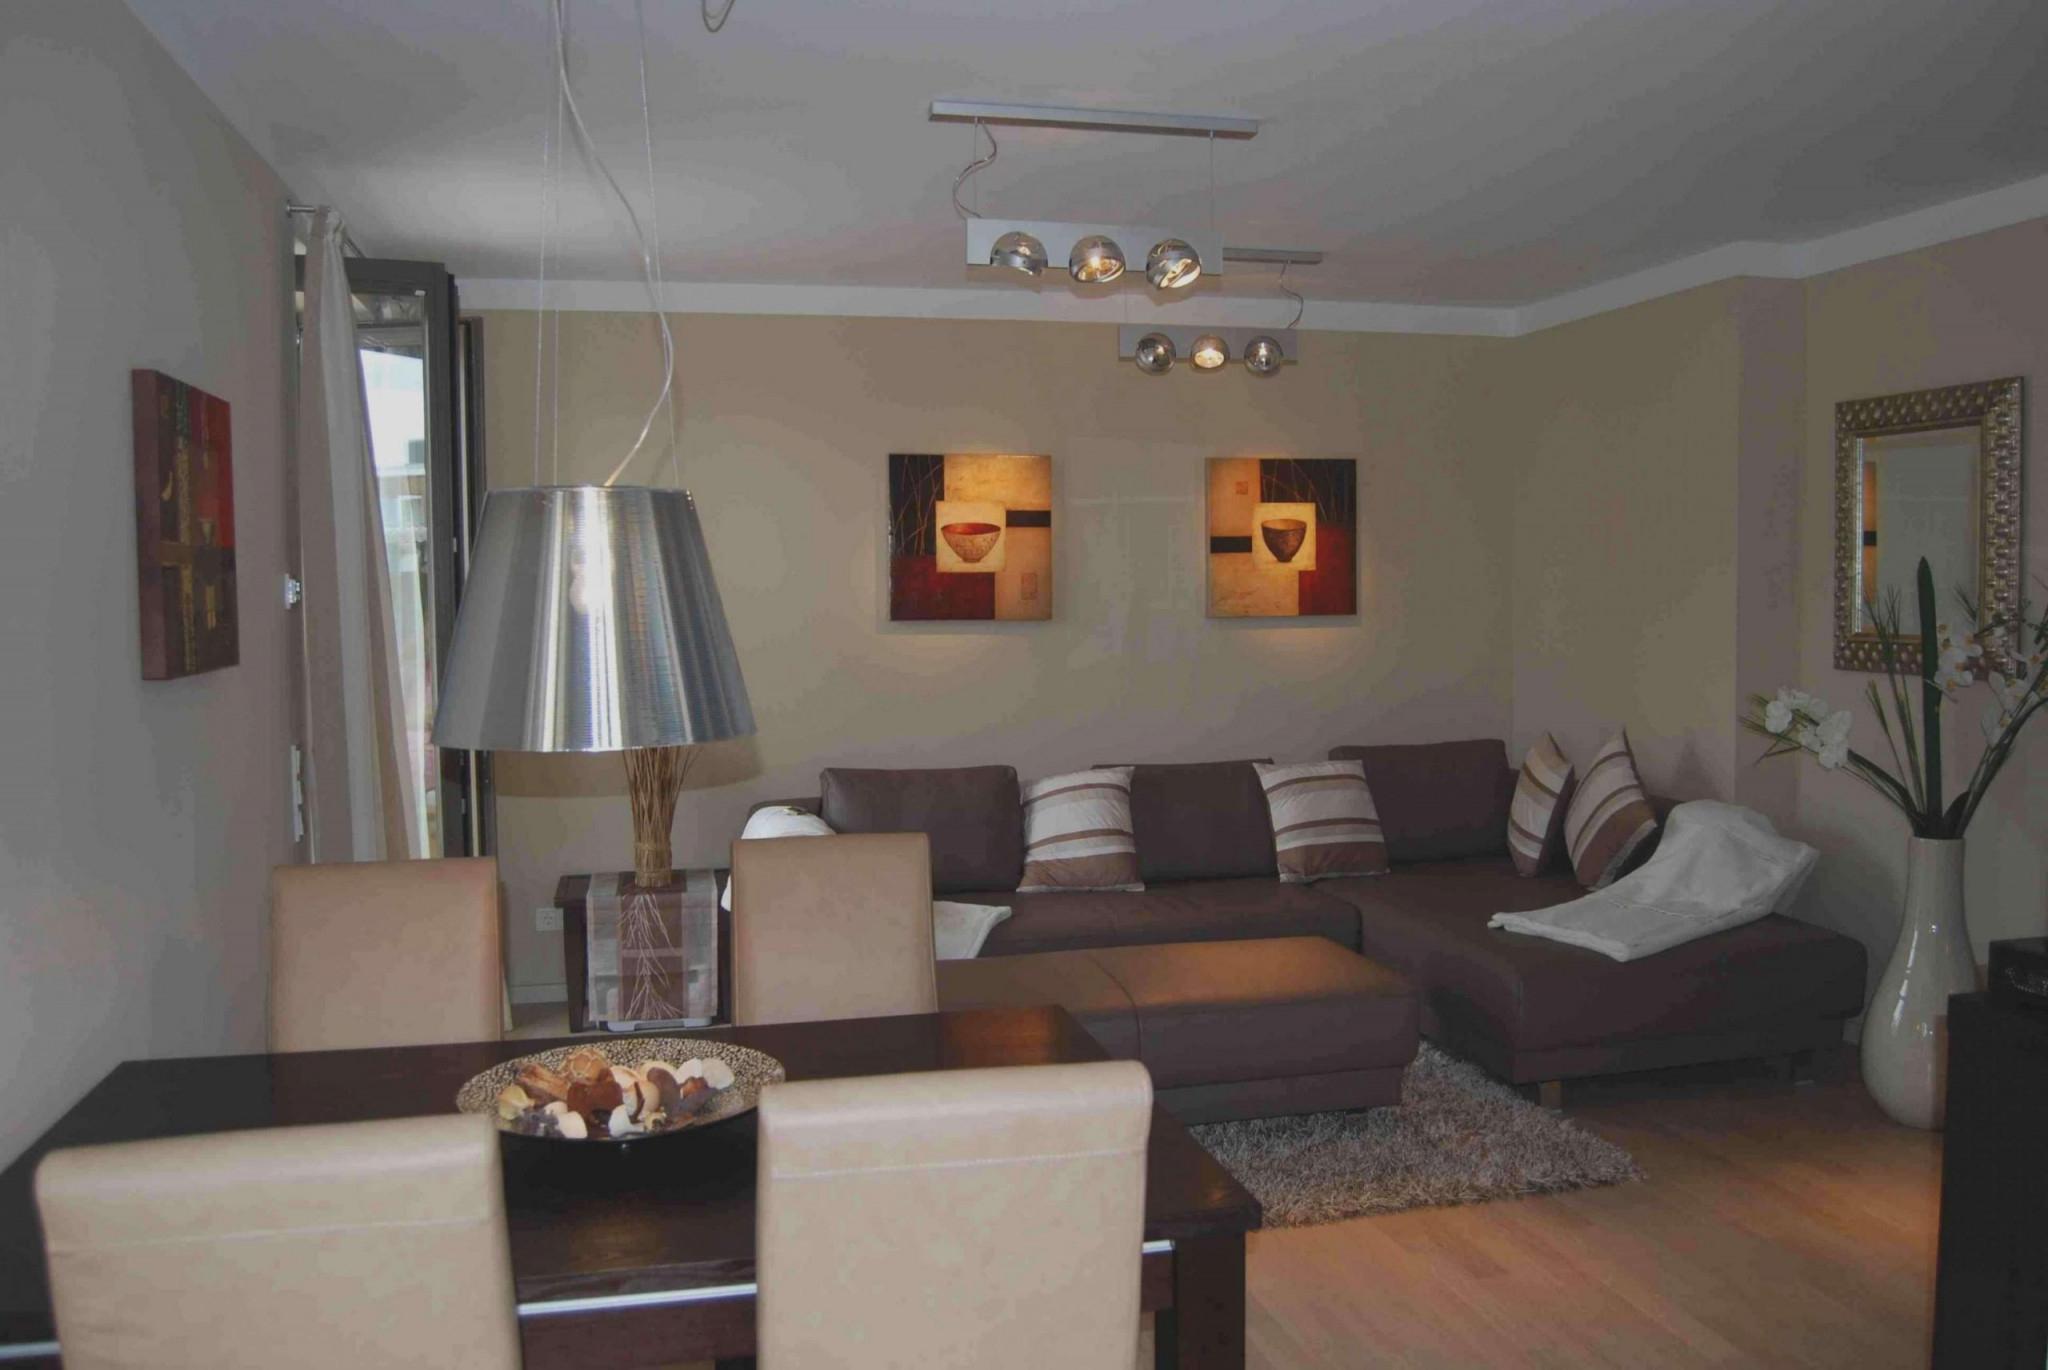 30 Luxus Kleines Wohnzimmer Mit Essbereich Einrichten von Wohnzimmer Klein Gestalten Photo